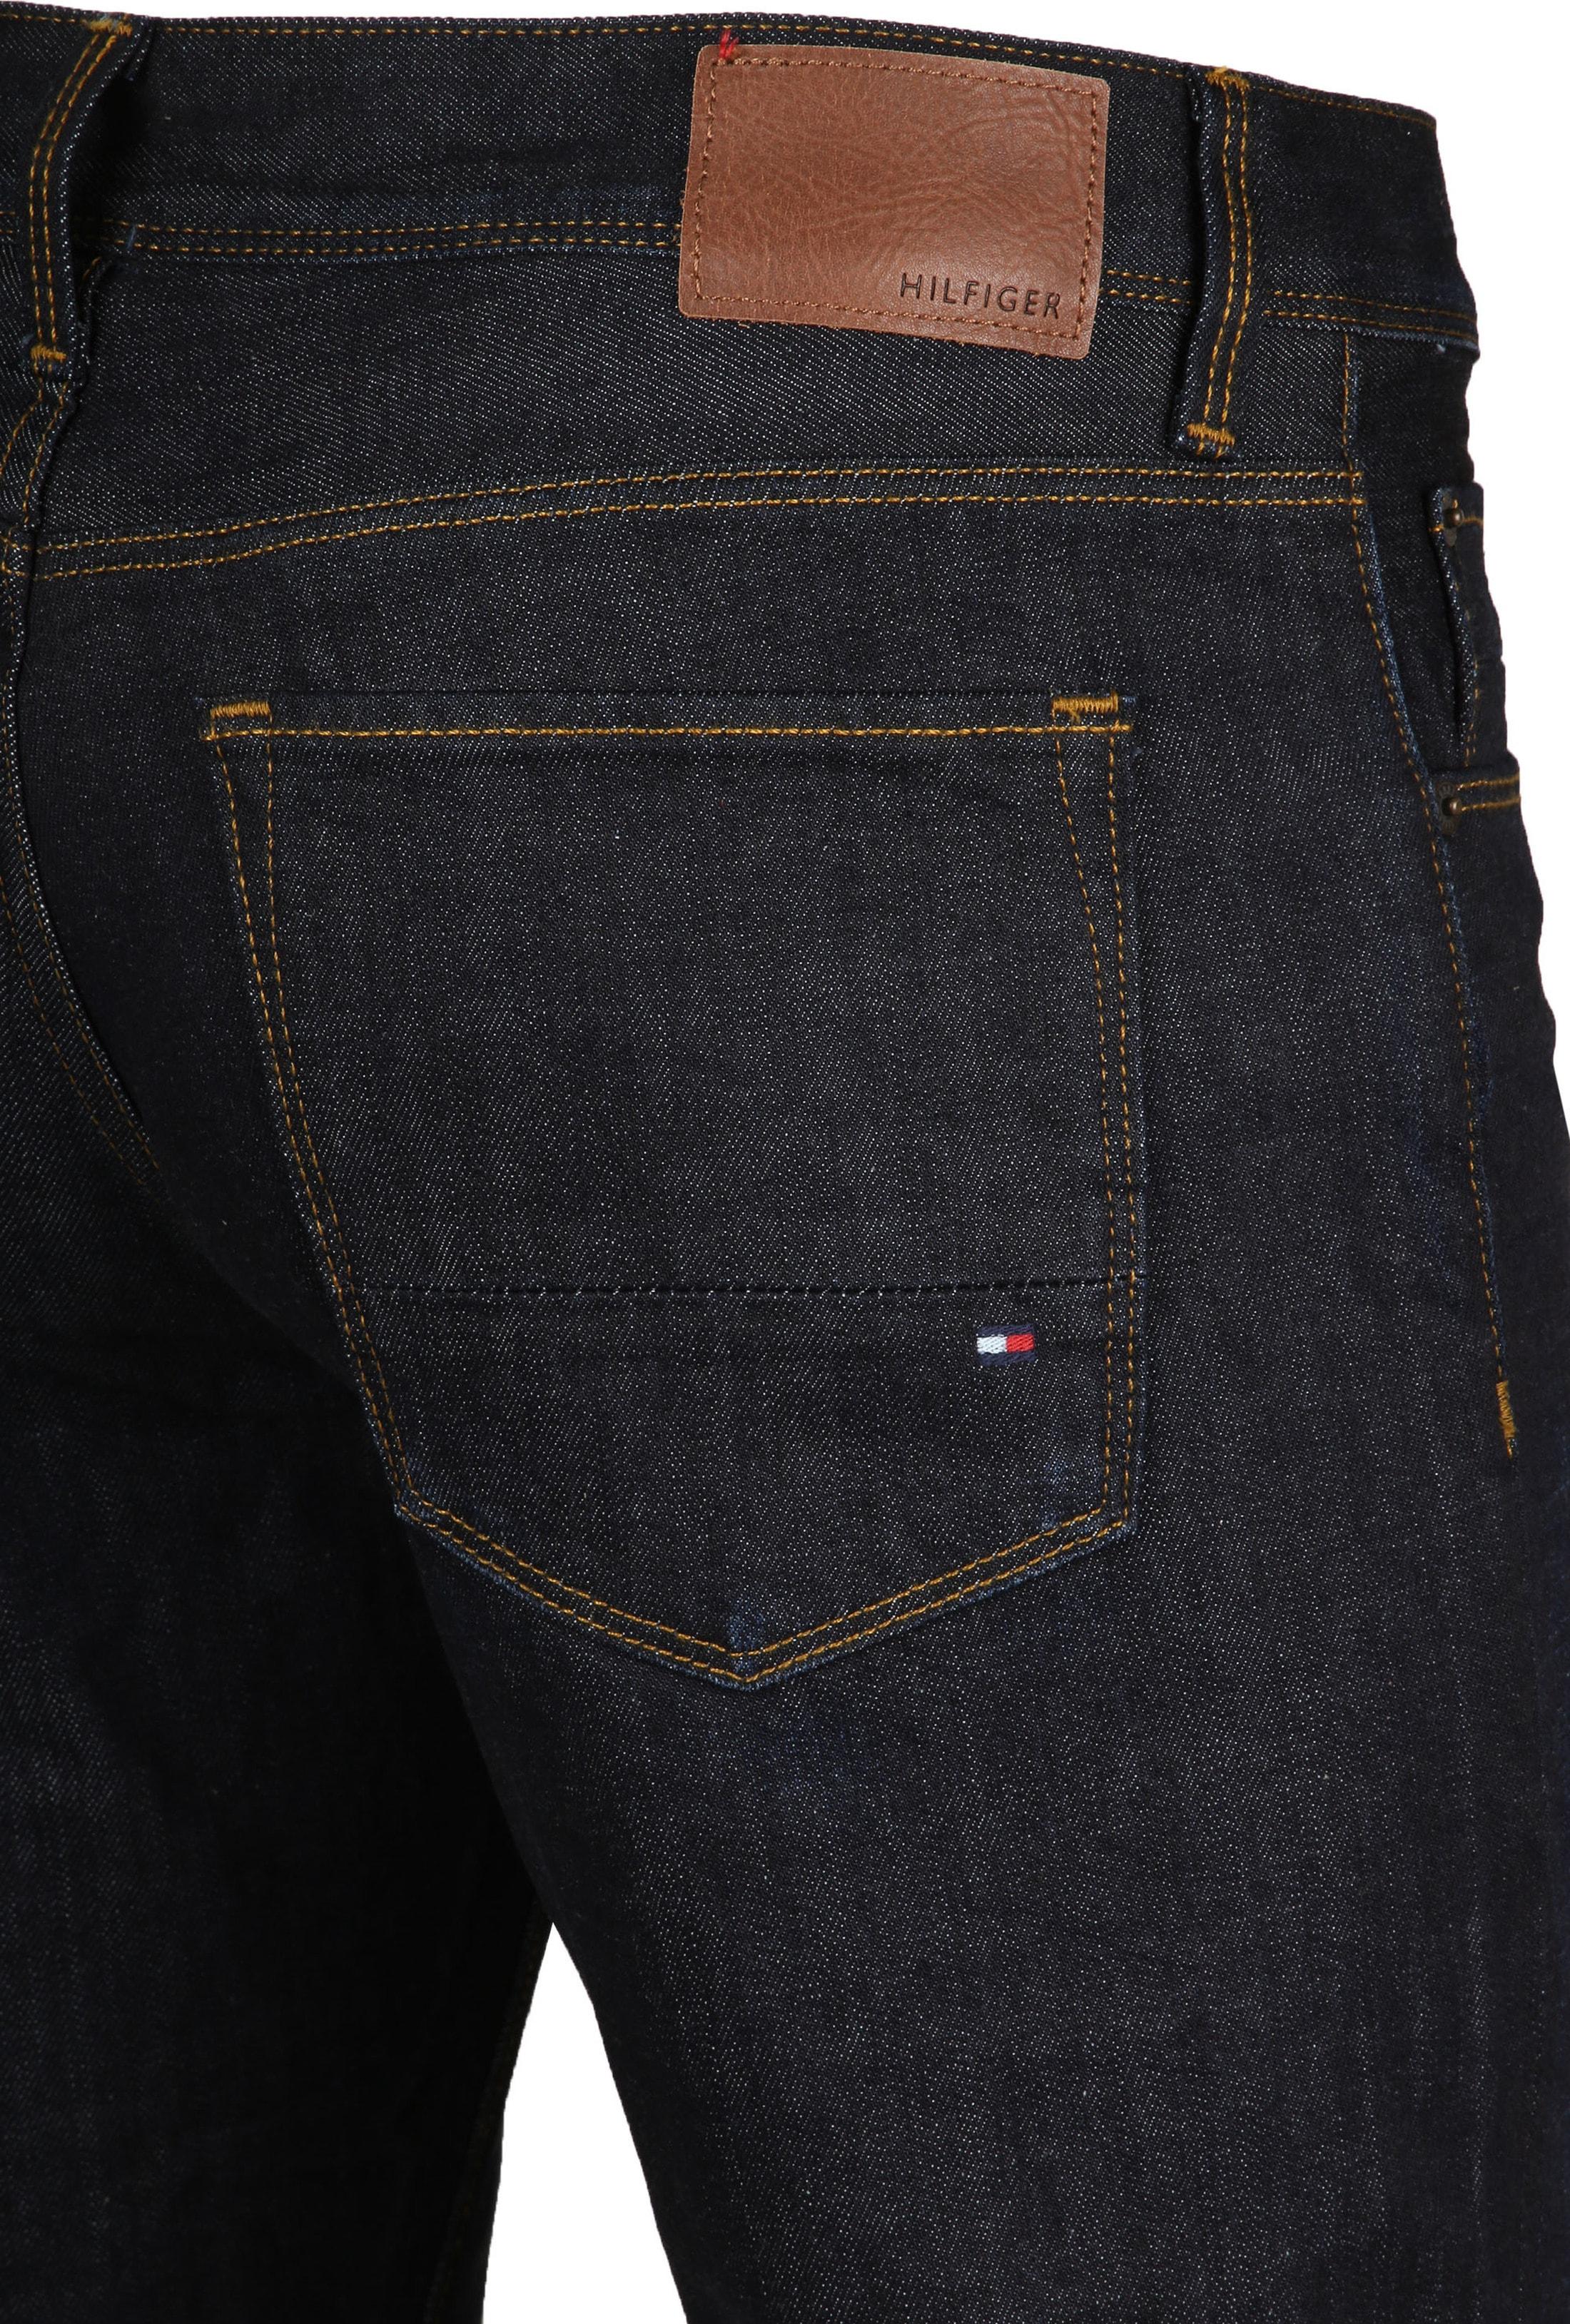 Tommy Hilfiger Mercer Jeans Navy foto 3